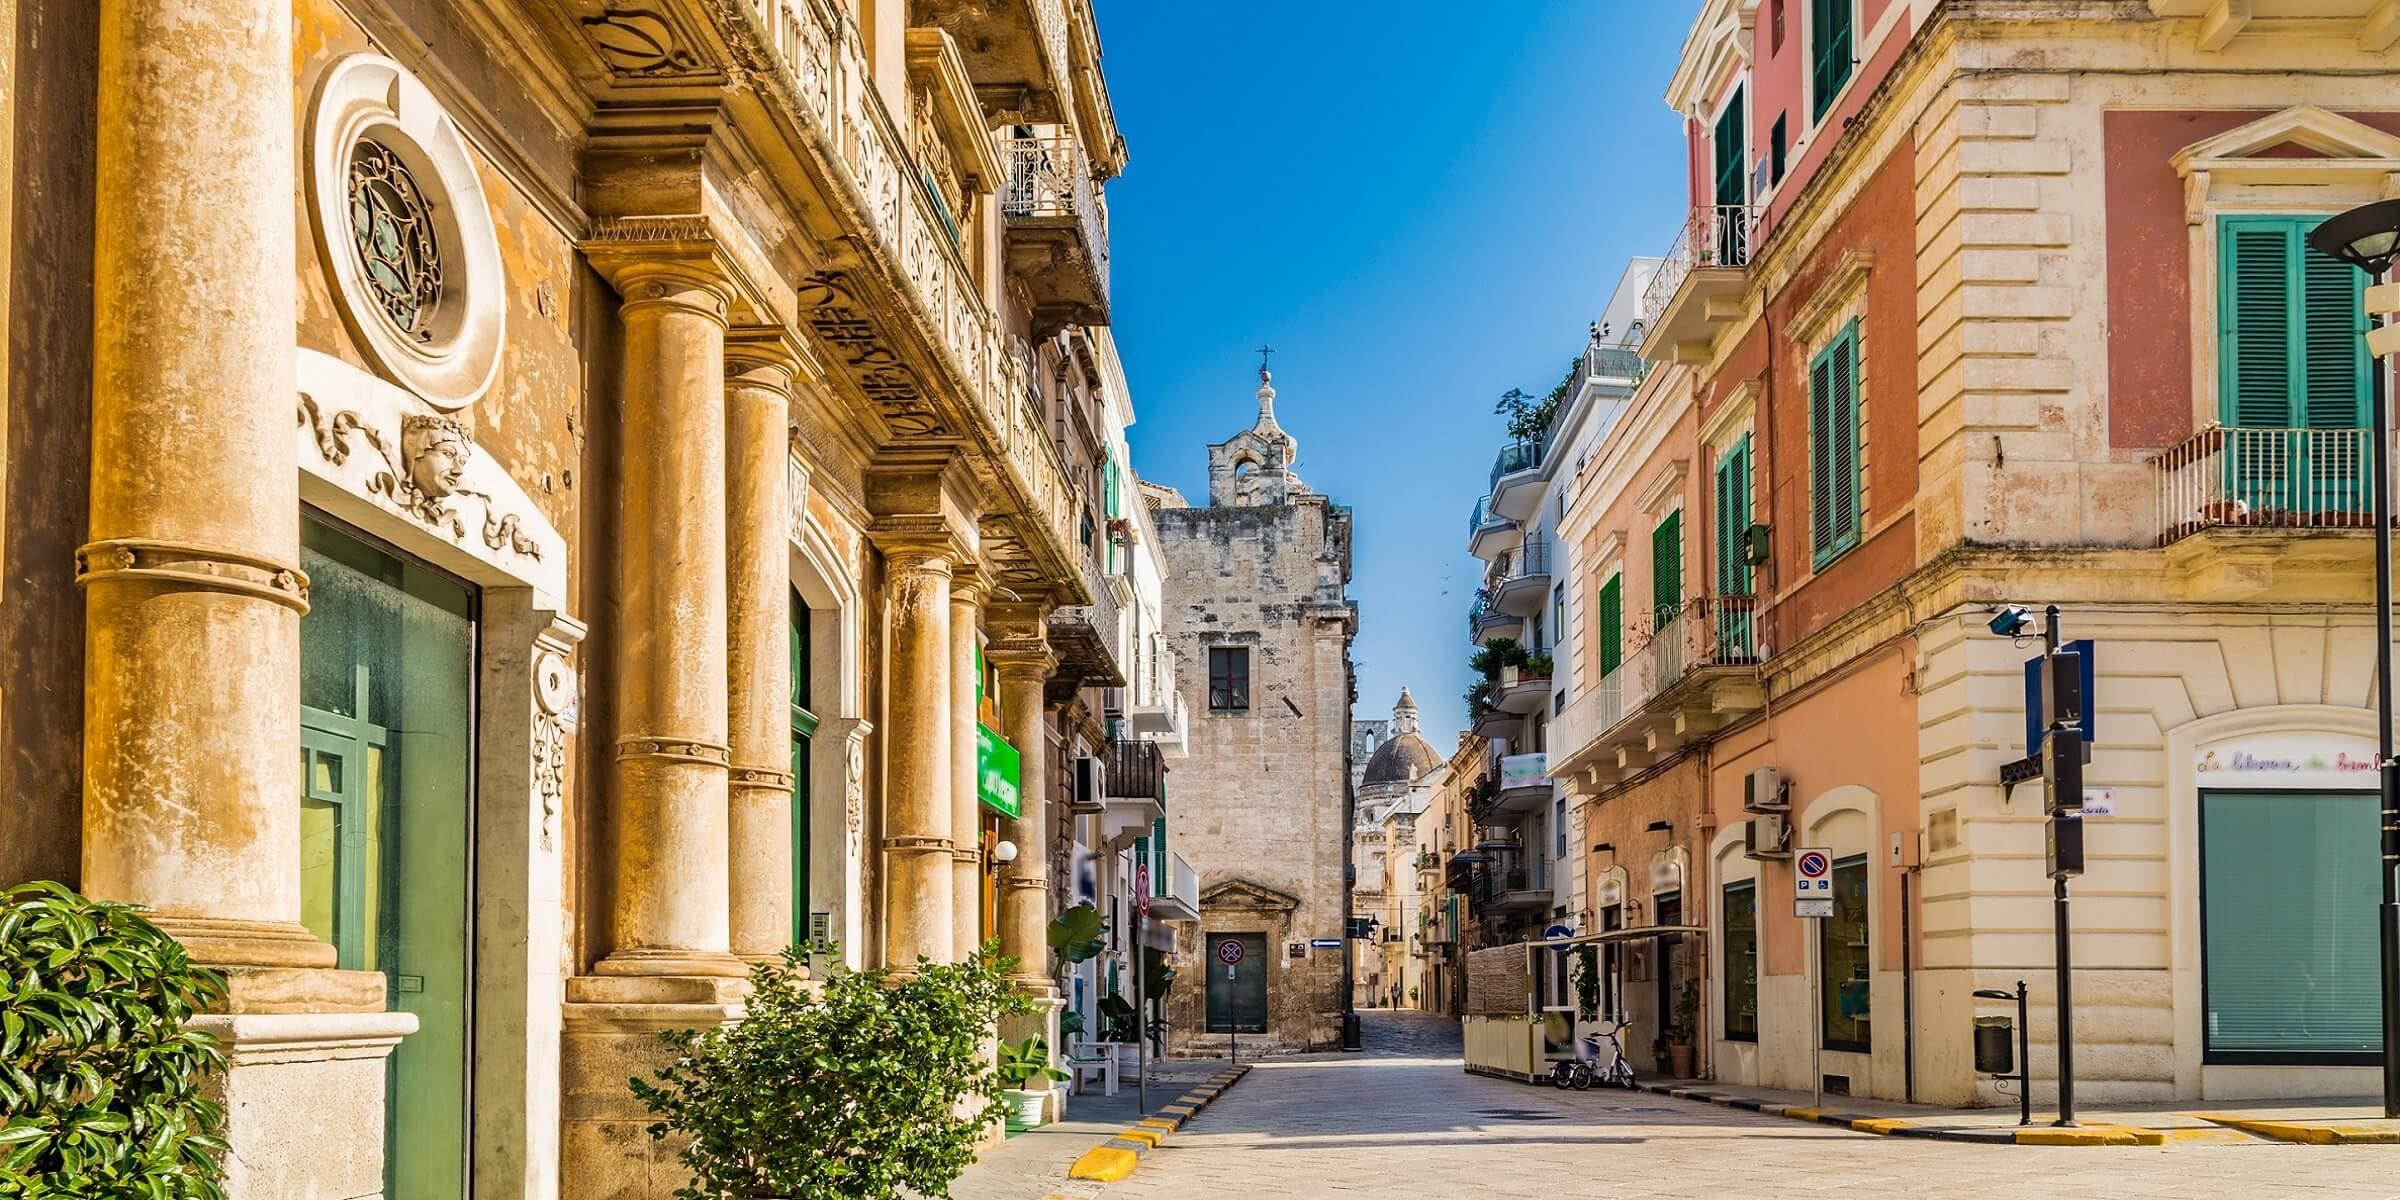 In der Innenstadt von Apulien können Sie bummeln oder gemeinsam einen Kaffee trinken gehen